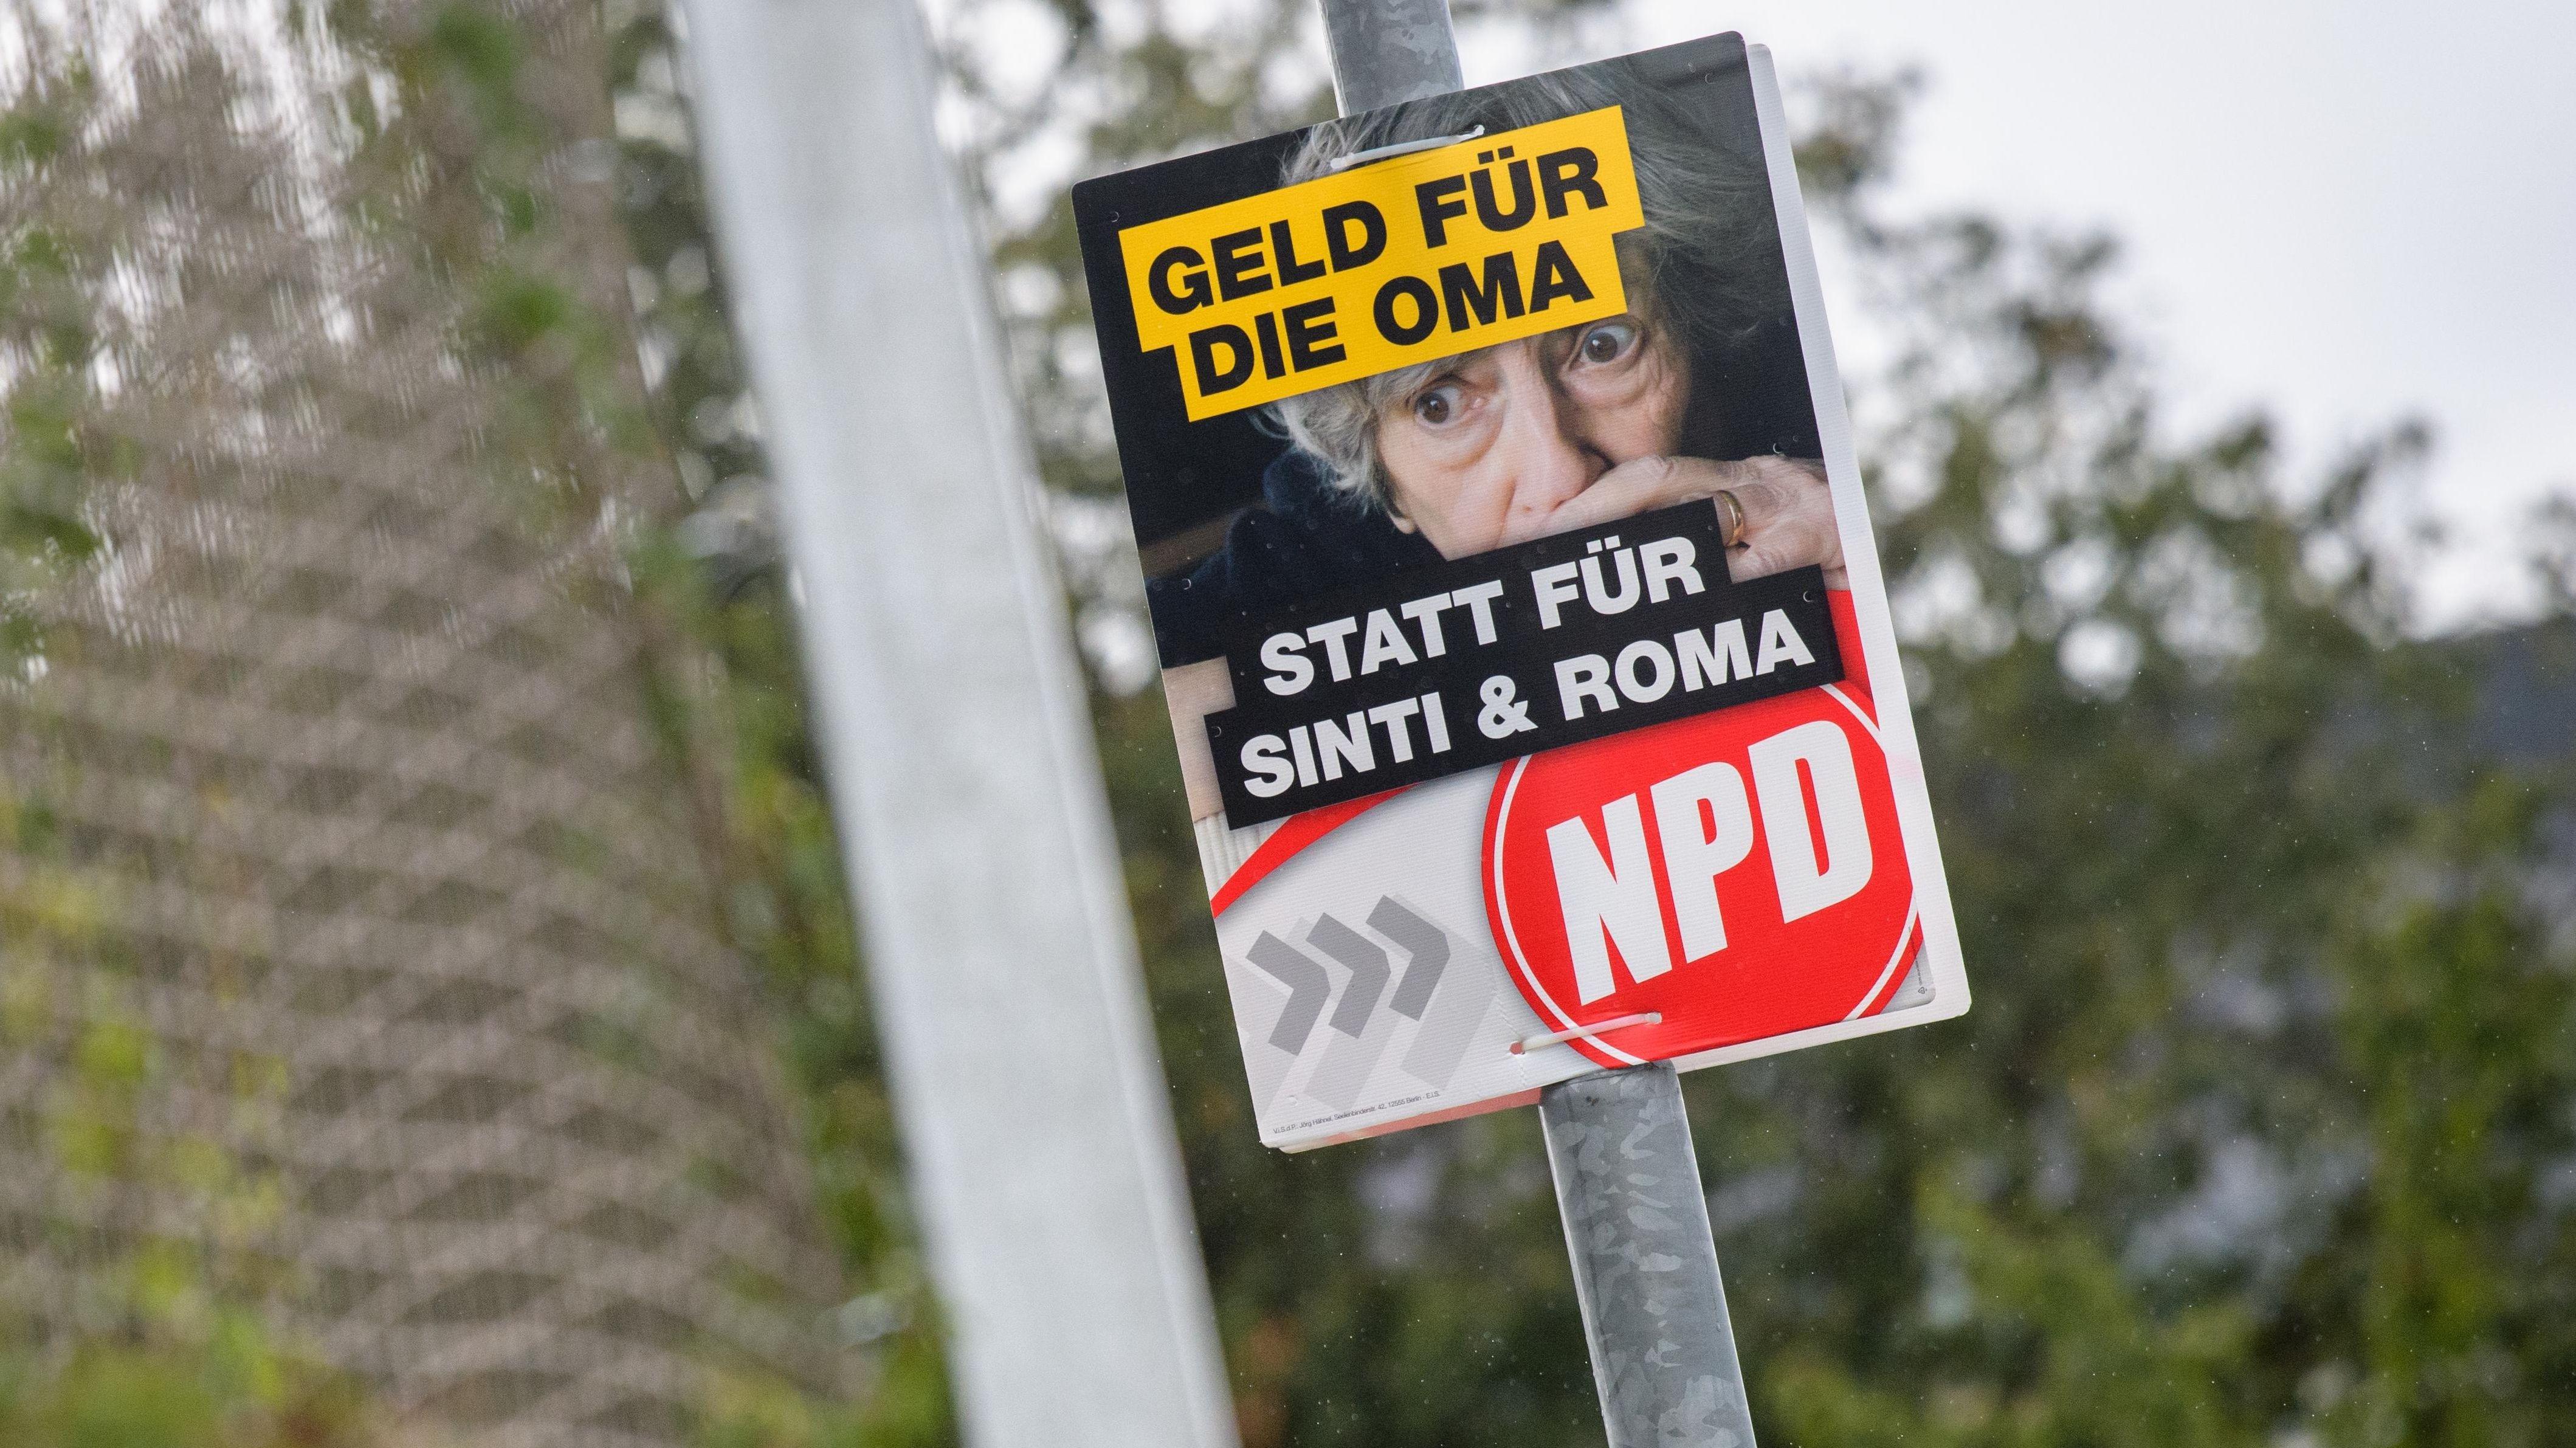 Umstrittenes Wahl-Plakat der NPD